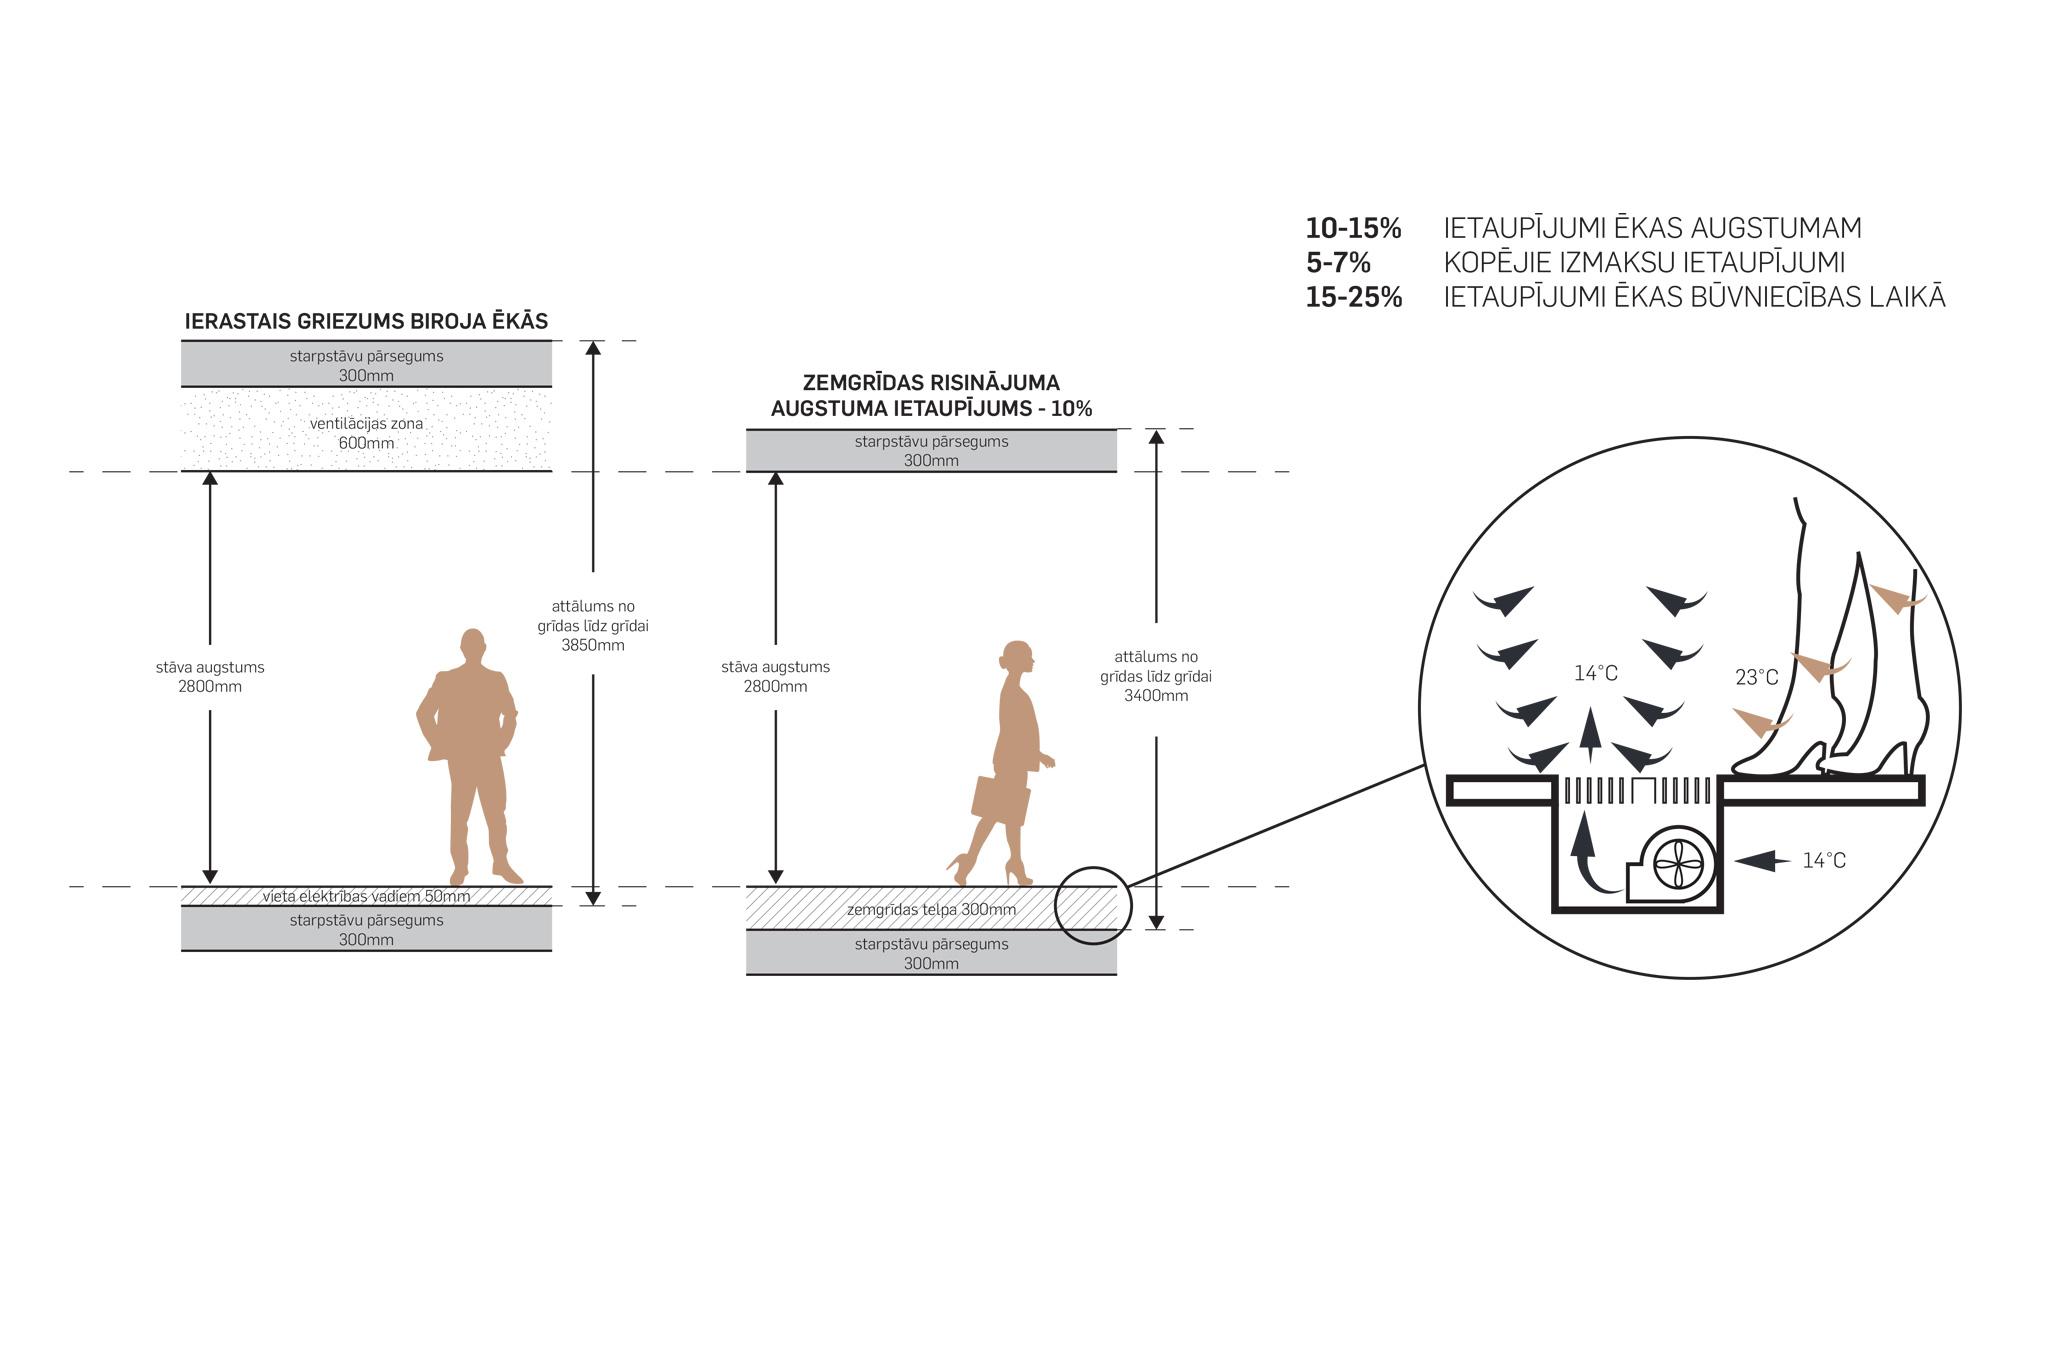 diagramma_greizums